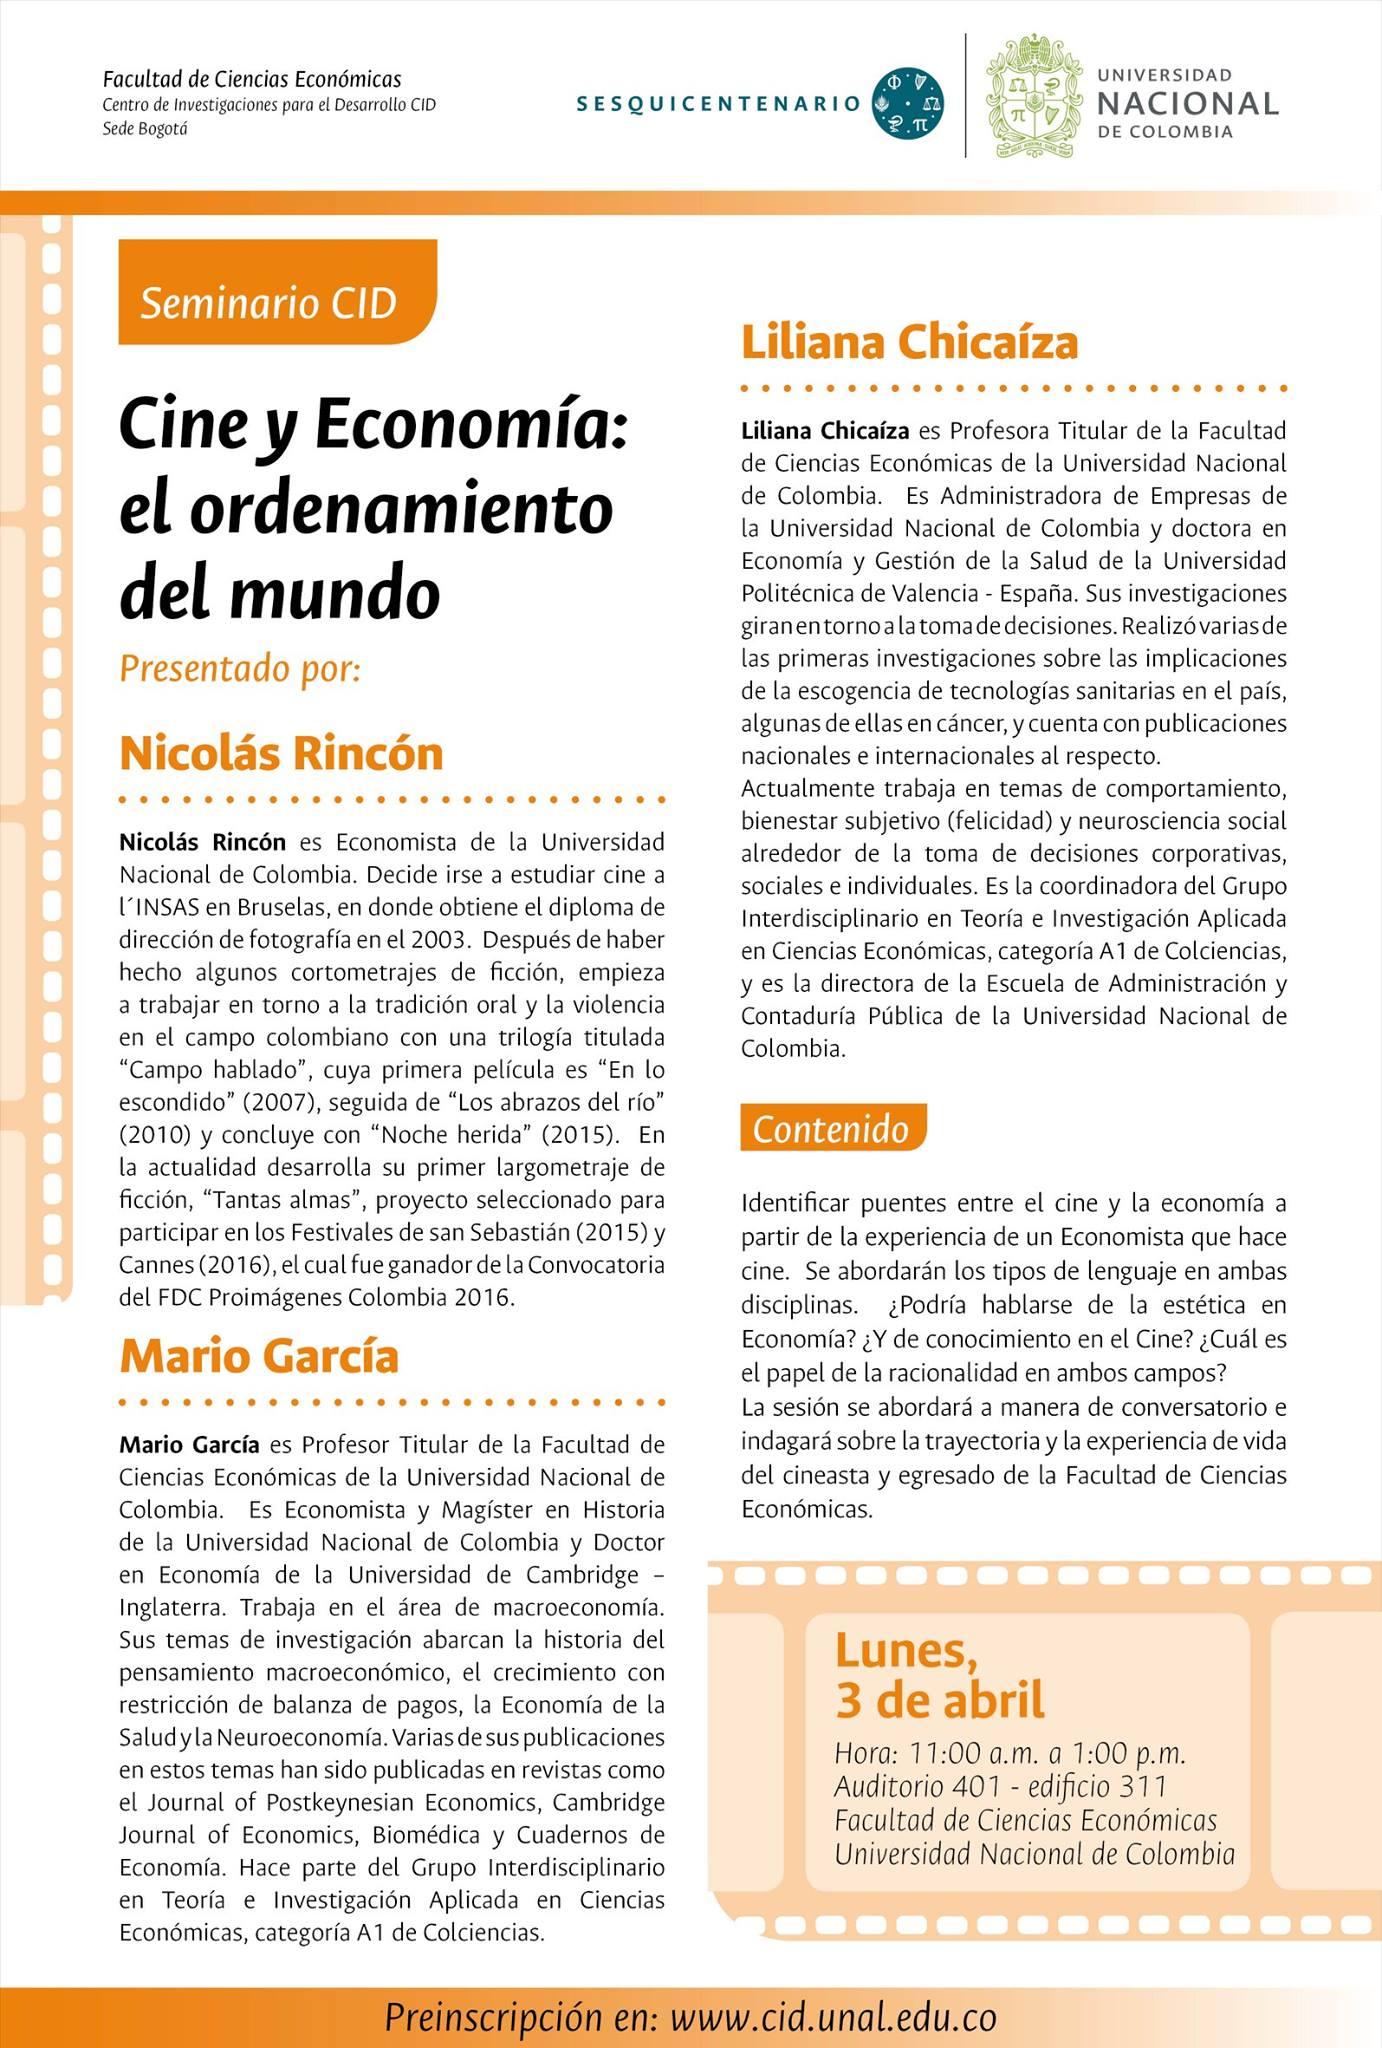 [Seminario CID] «Cine y Economía: el ordenamiento del mundo»